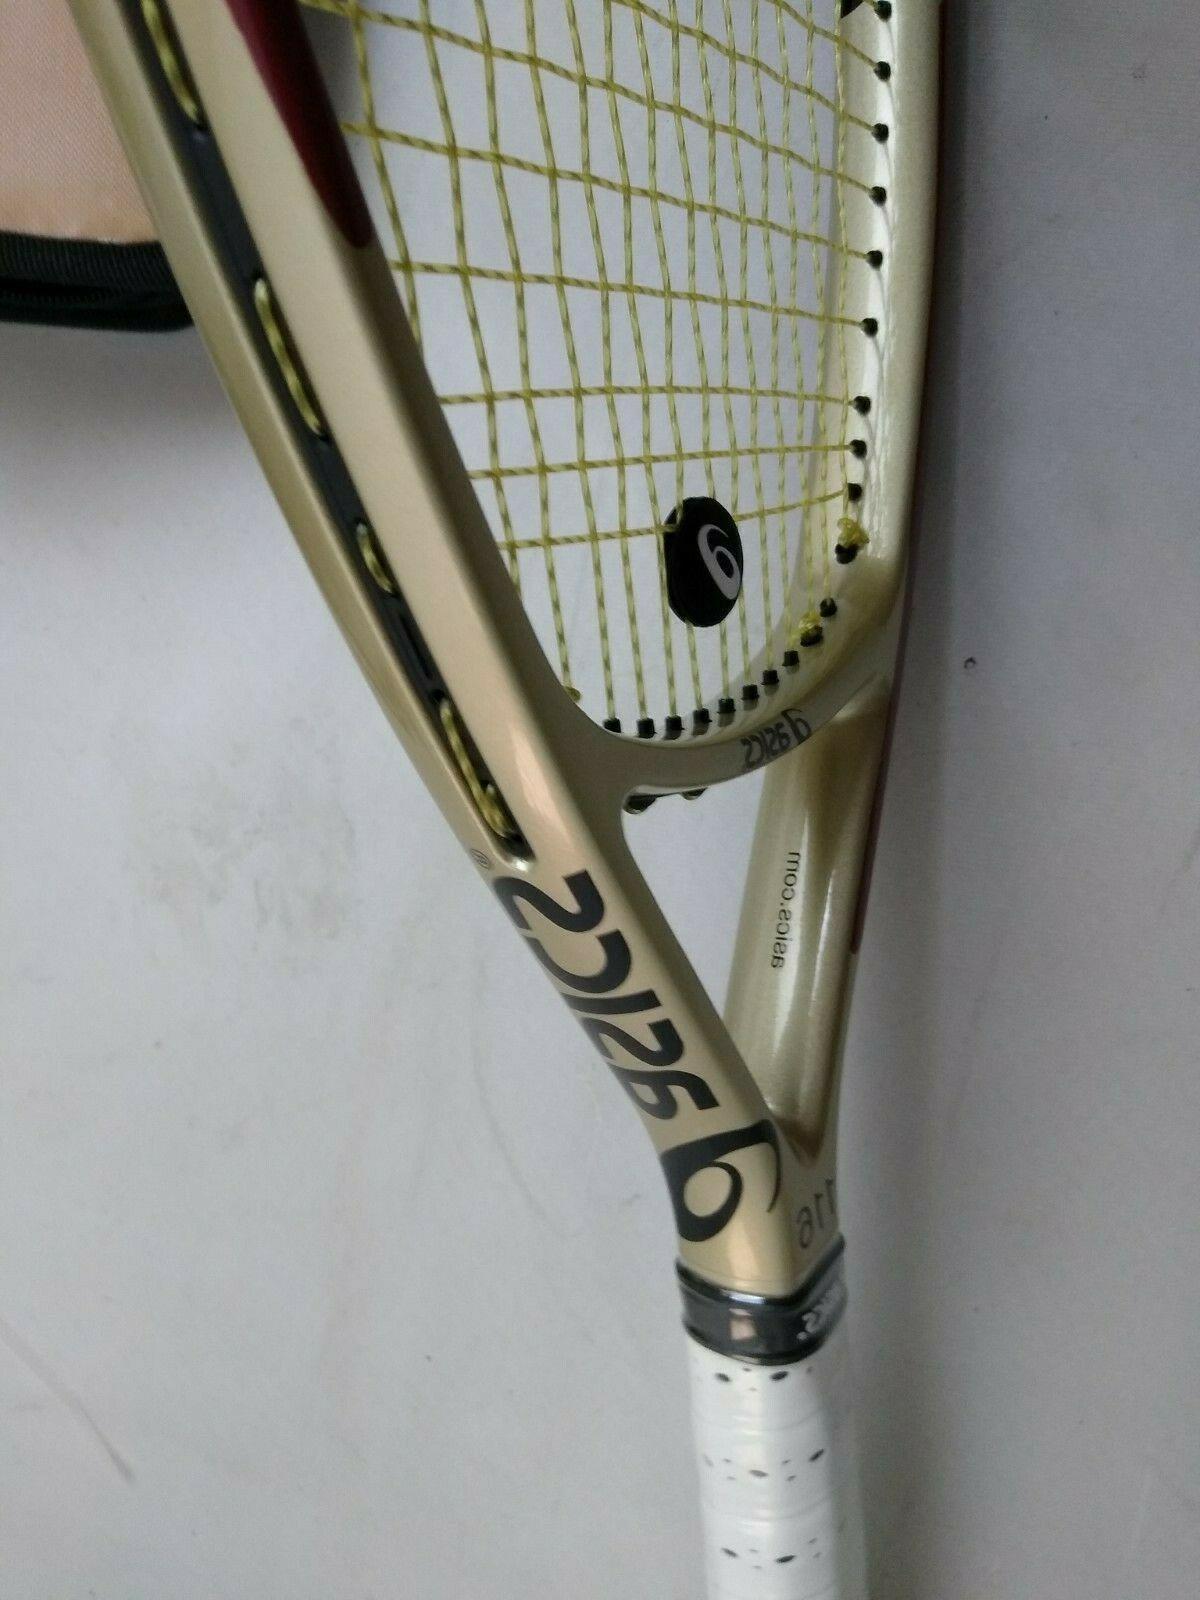 Asics Racquet L4     Grip 4